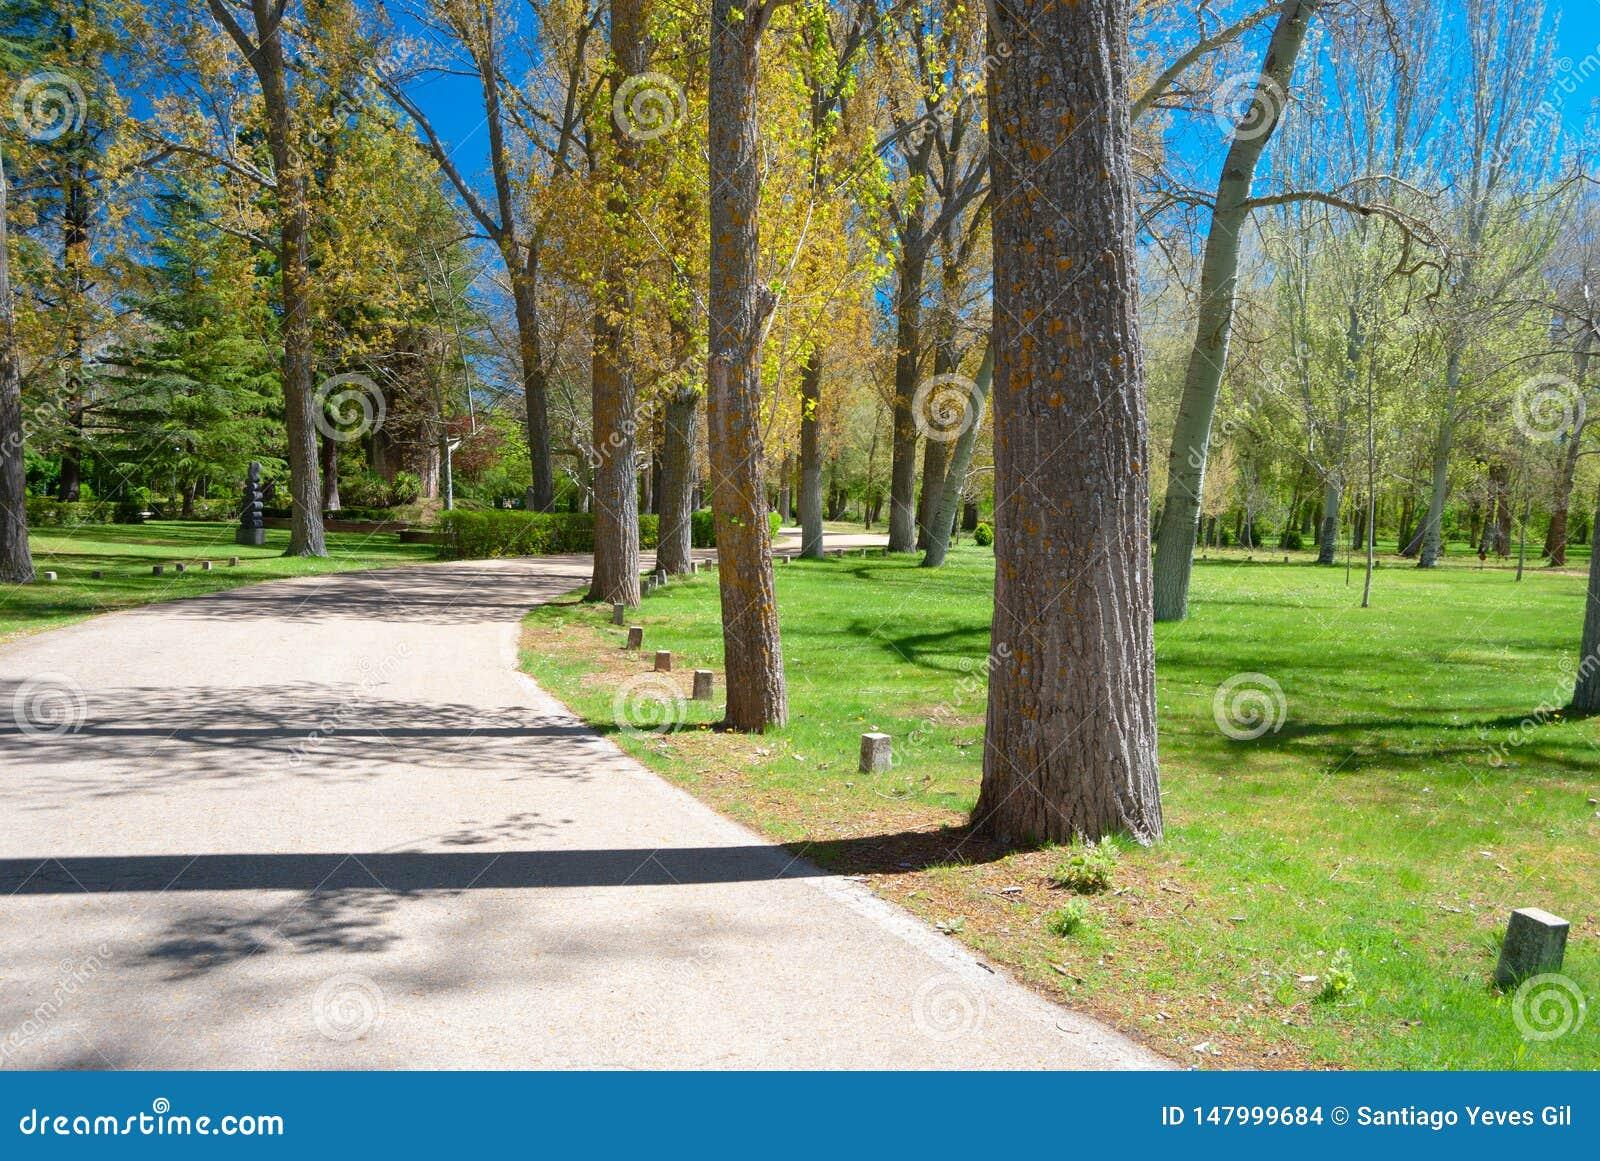 Mooie weg met krommen langs een park